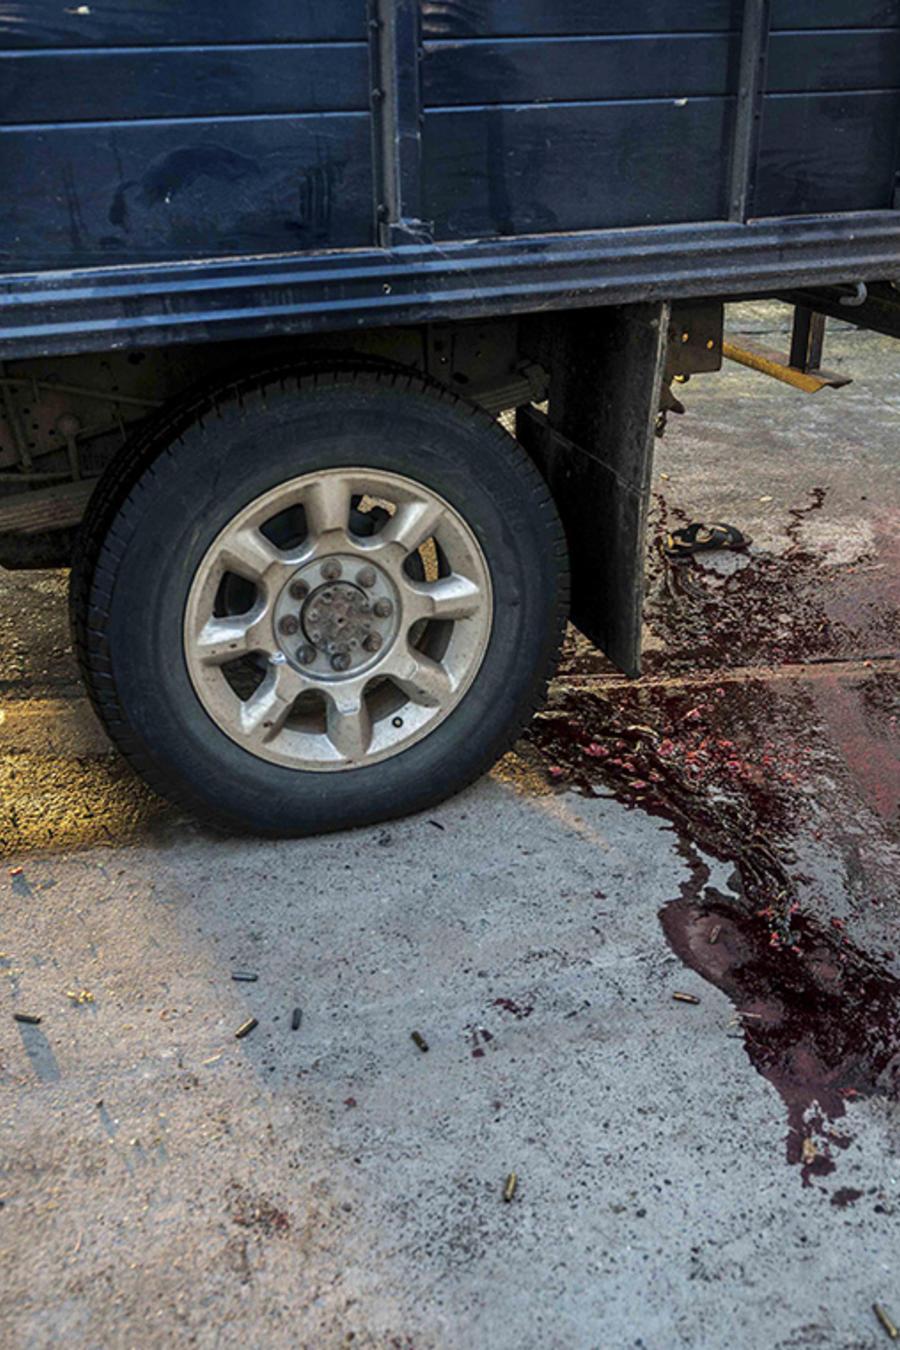 Una mancha de sangre permanece en la calle tras una pelea con armas en Culiacán, México.